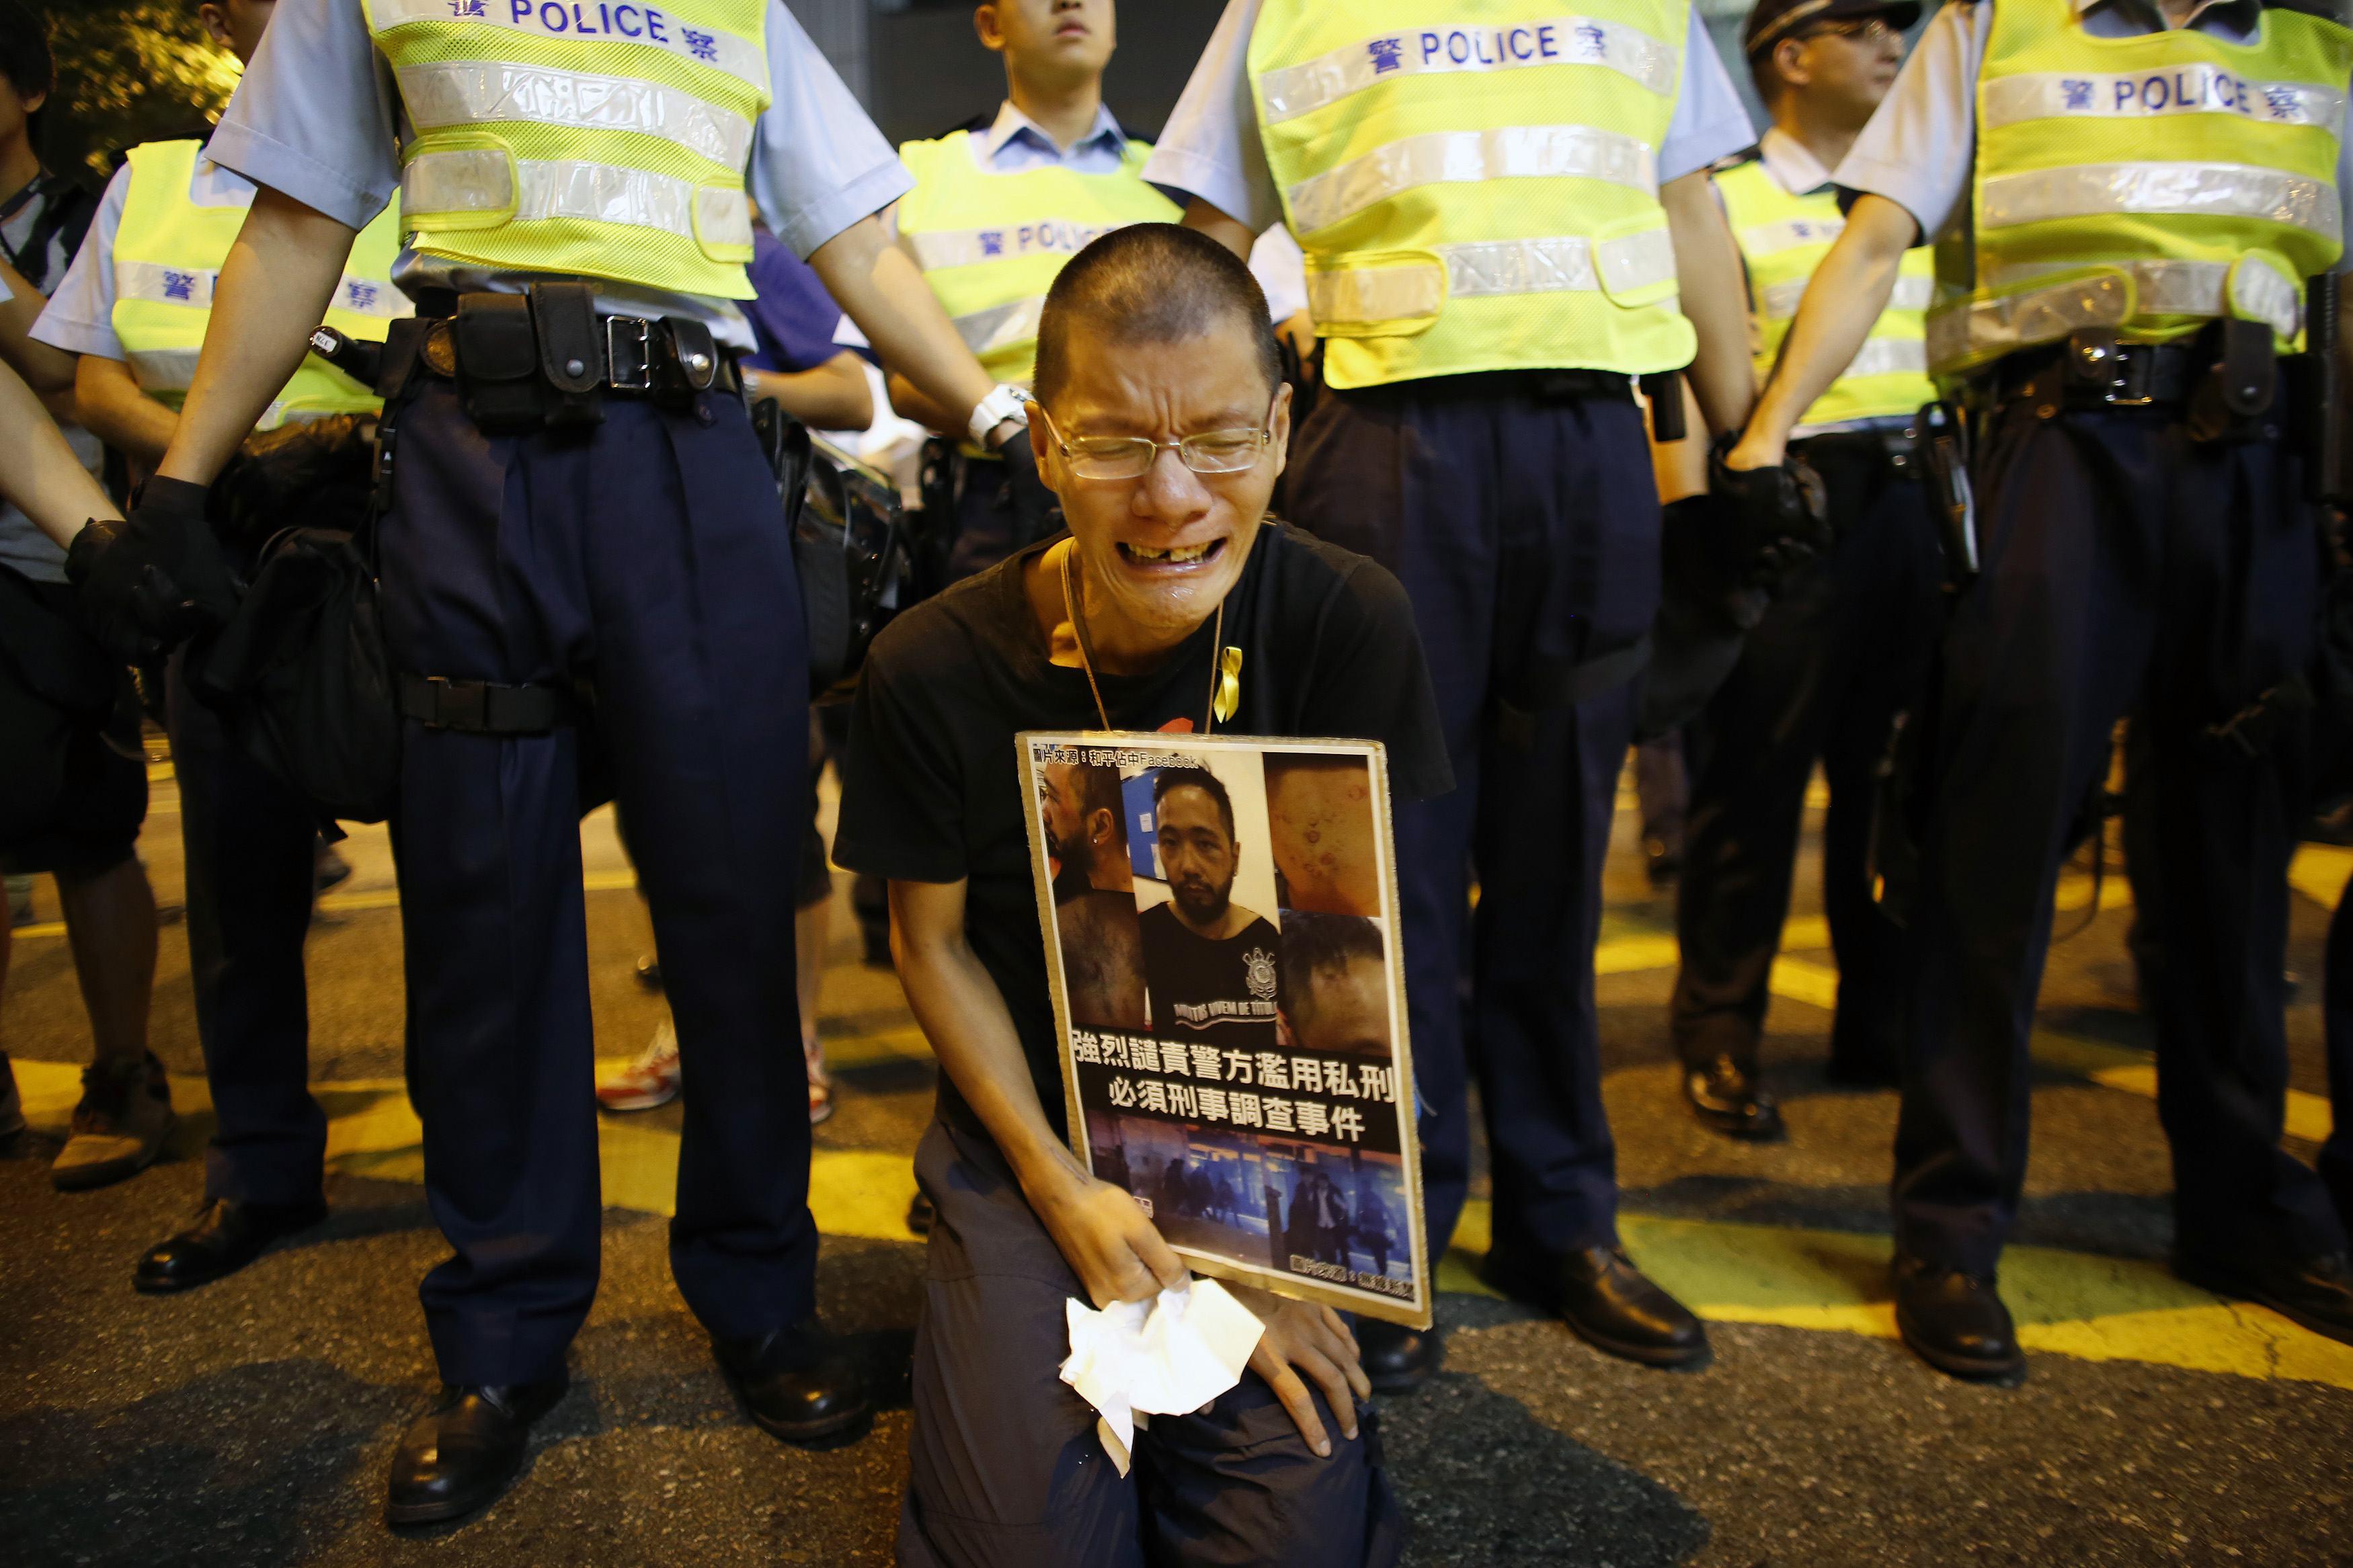 Người đàn ông cầm bức ảnh miêu tả Tằng Giang, thành viên của Đảng Dân sự bị các nhân viên cảnh sát mặc thường phục đánh đập tại khu vực biểu tình chính ở huyện Admiralty, Hồng Kông vào ngày 23/10/2014. Sau cuộc điều tra, 7 nhân viên an ninh tham gia đánh đập đã bị bắt vào hôm 26/11. (Ảnh: Internet)